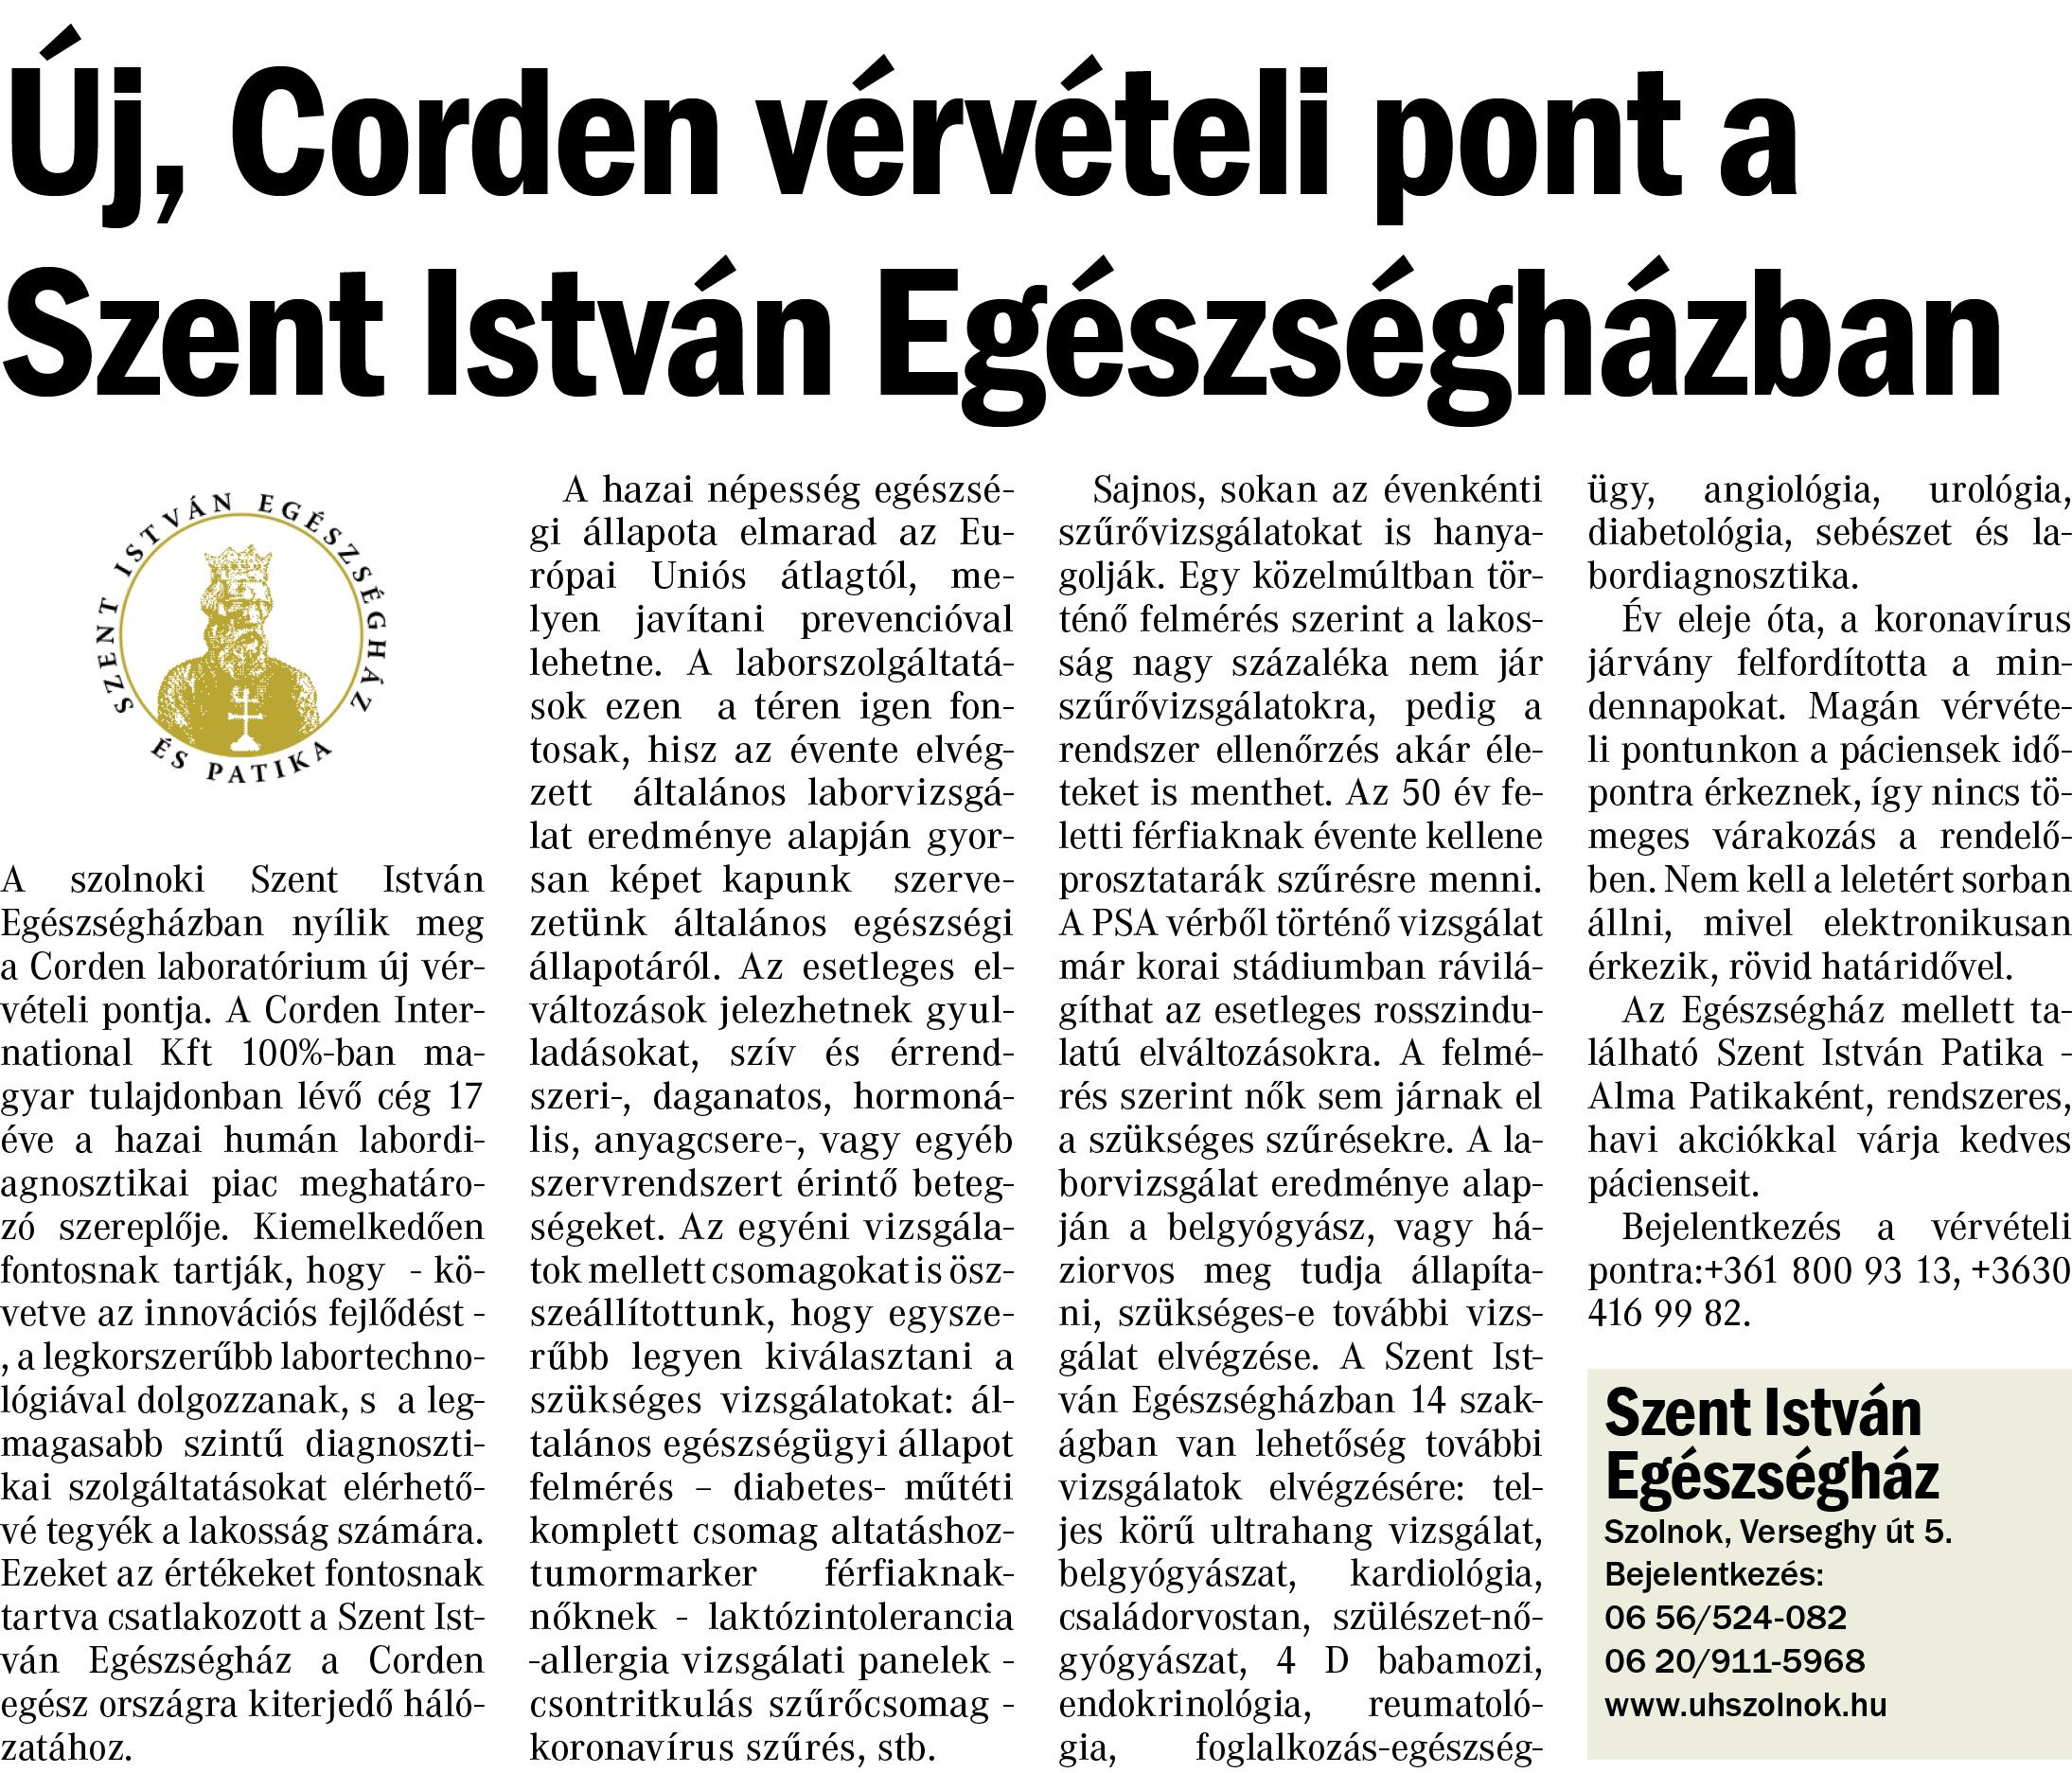 Corden vérvételi pont